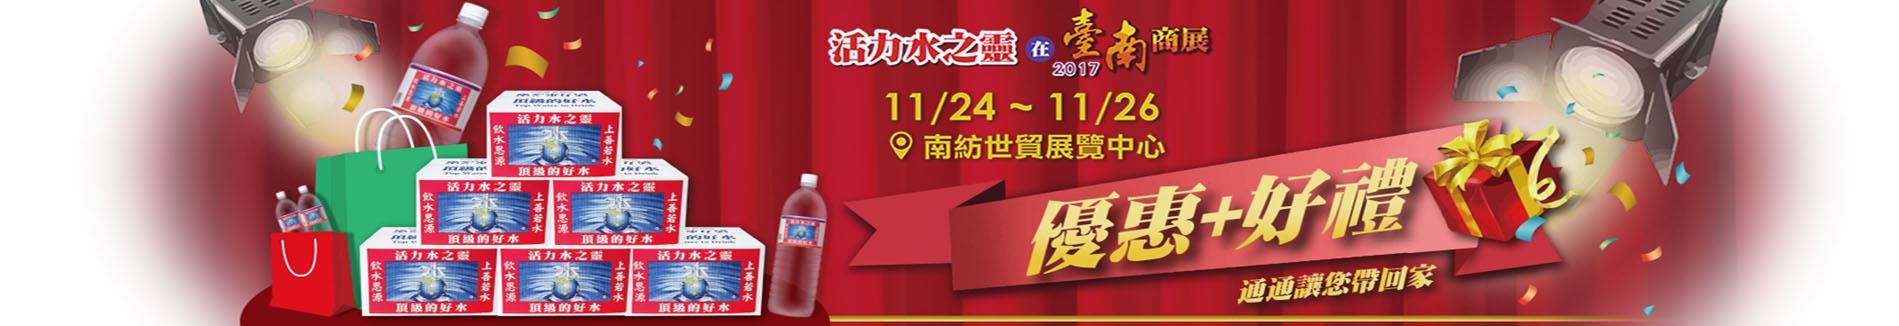 2017台南商展_滑塊圗-2